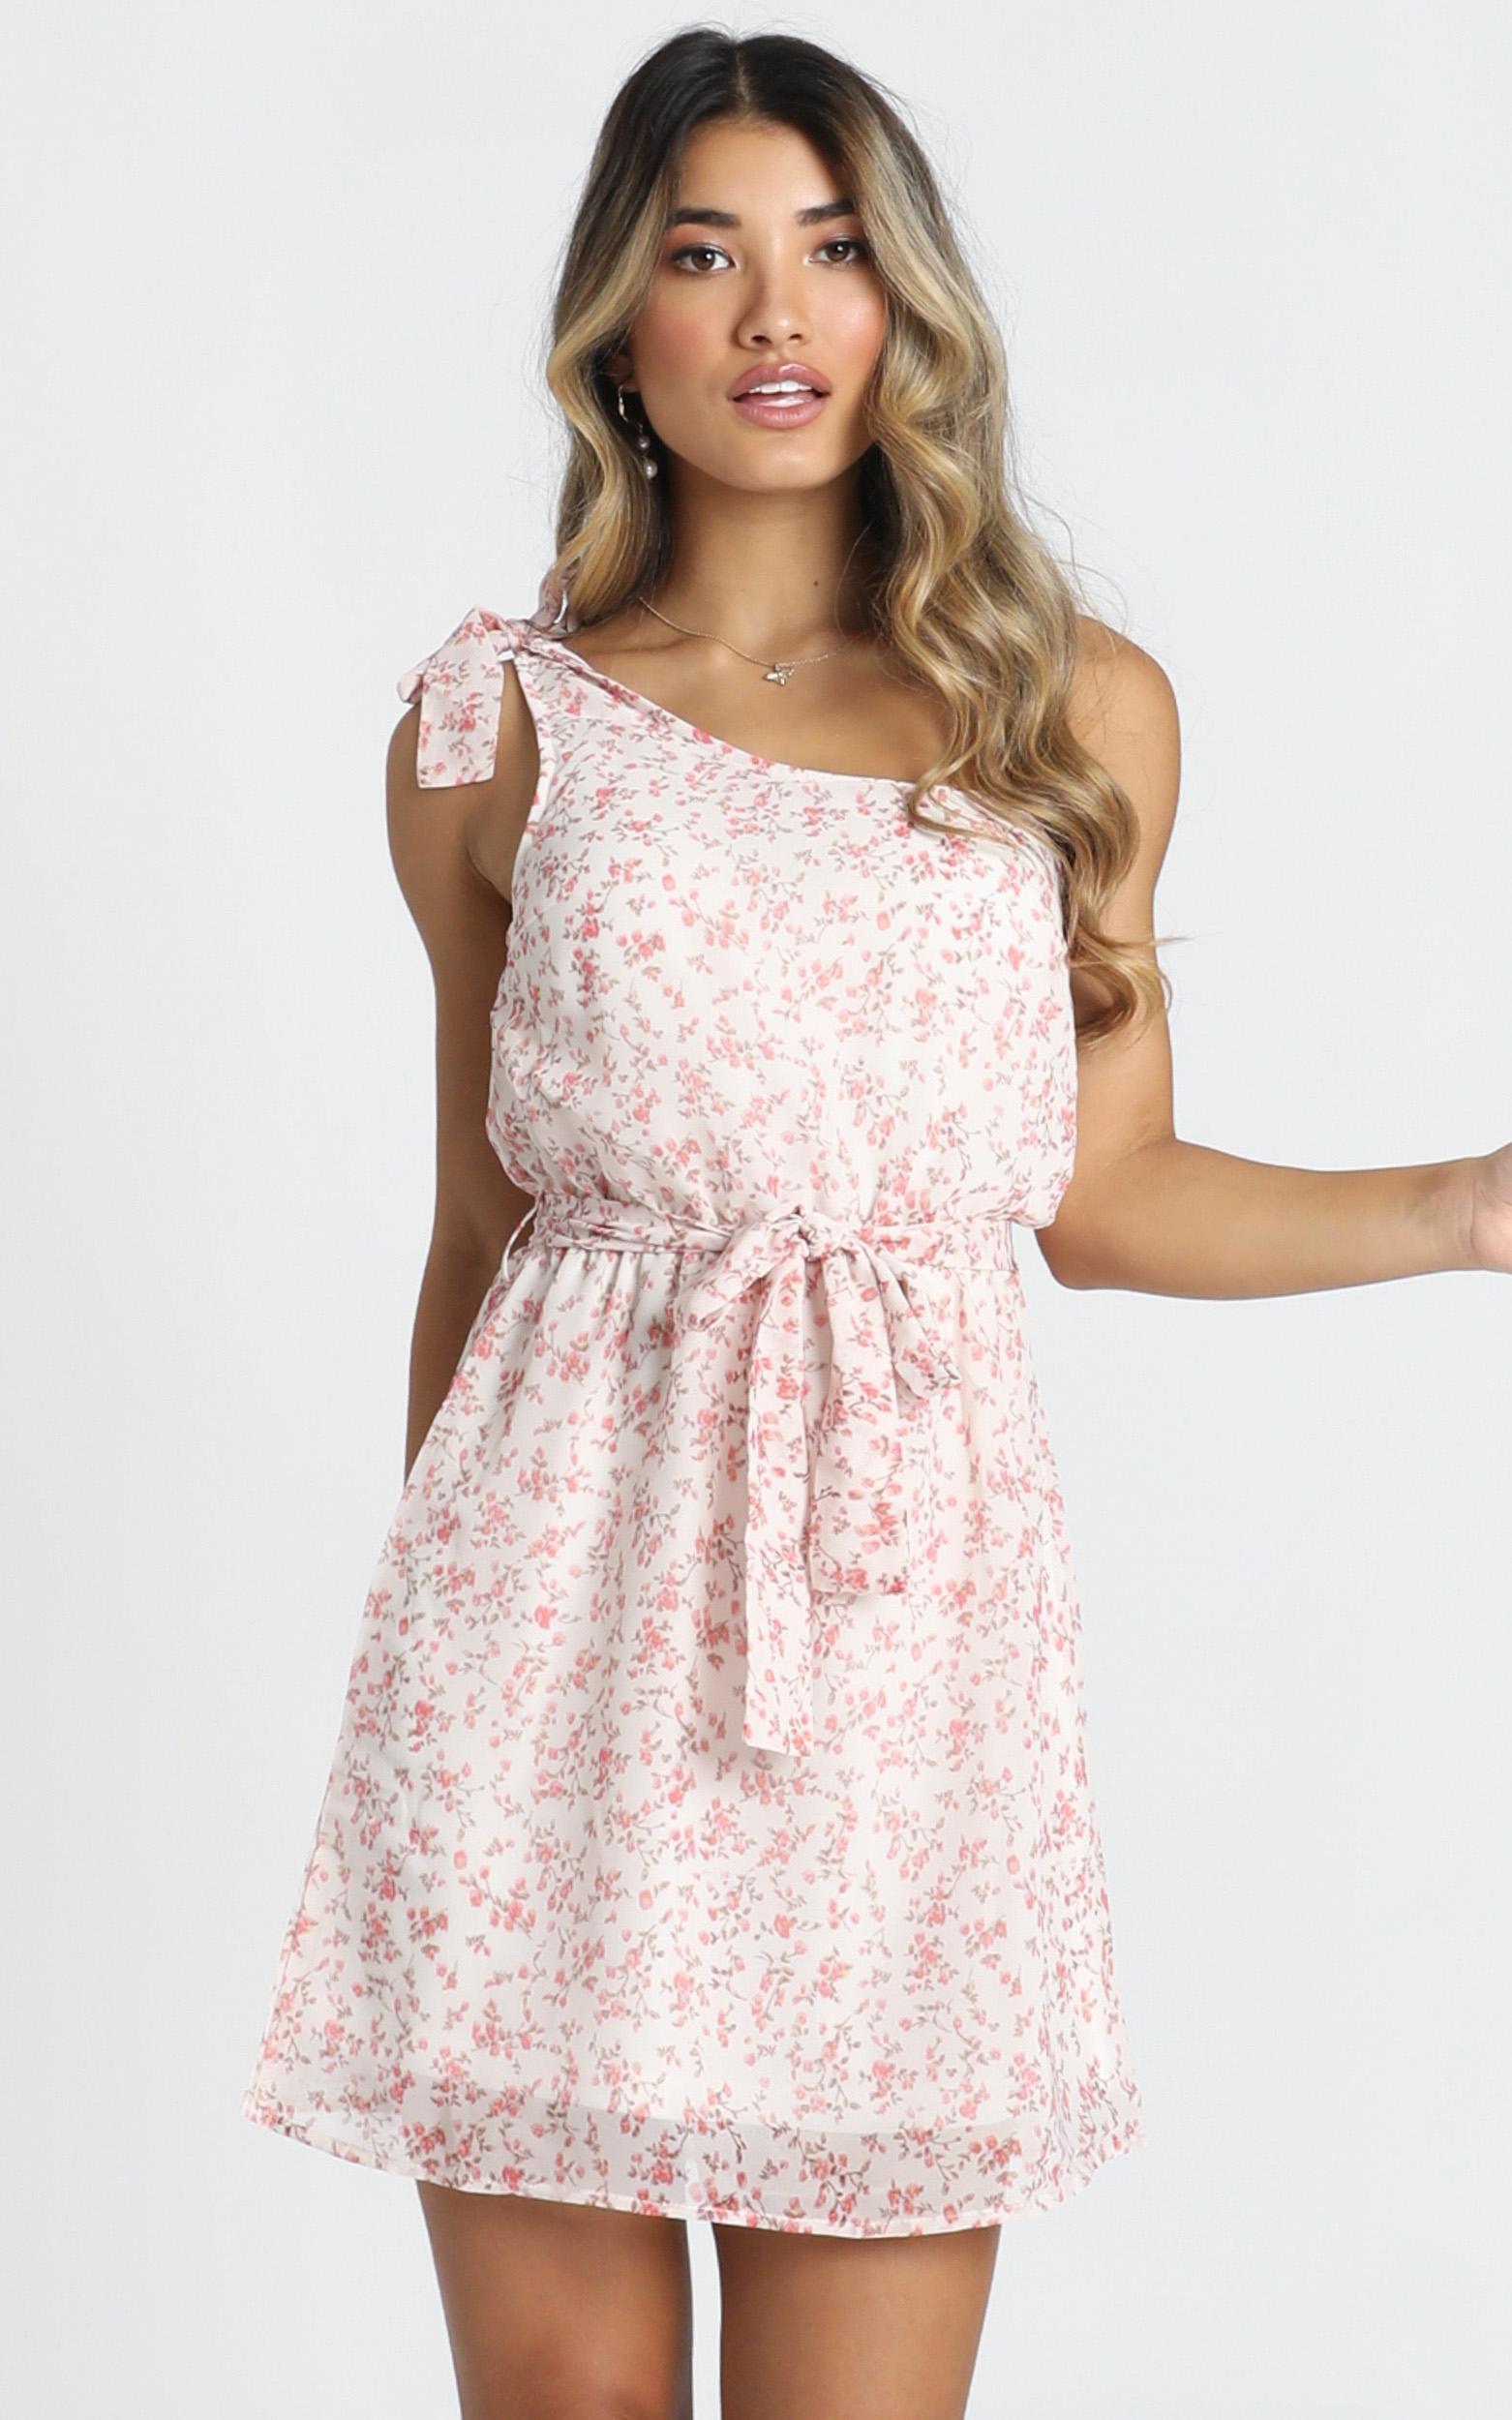 Laura One Shoulder Dress in pink floral - 12 (L), Pink, hi-res image number null